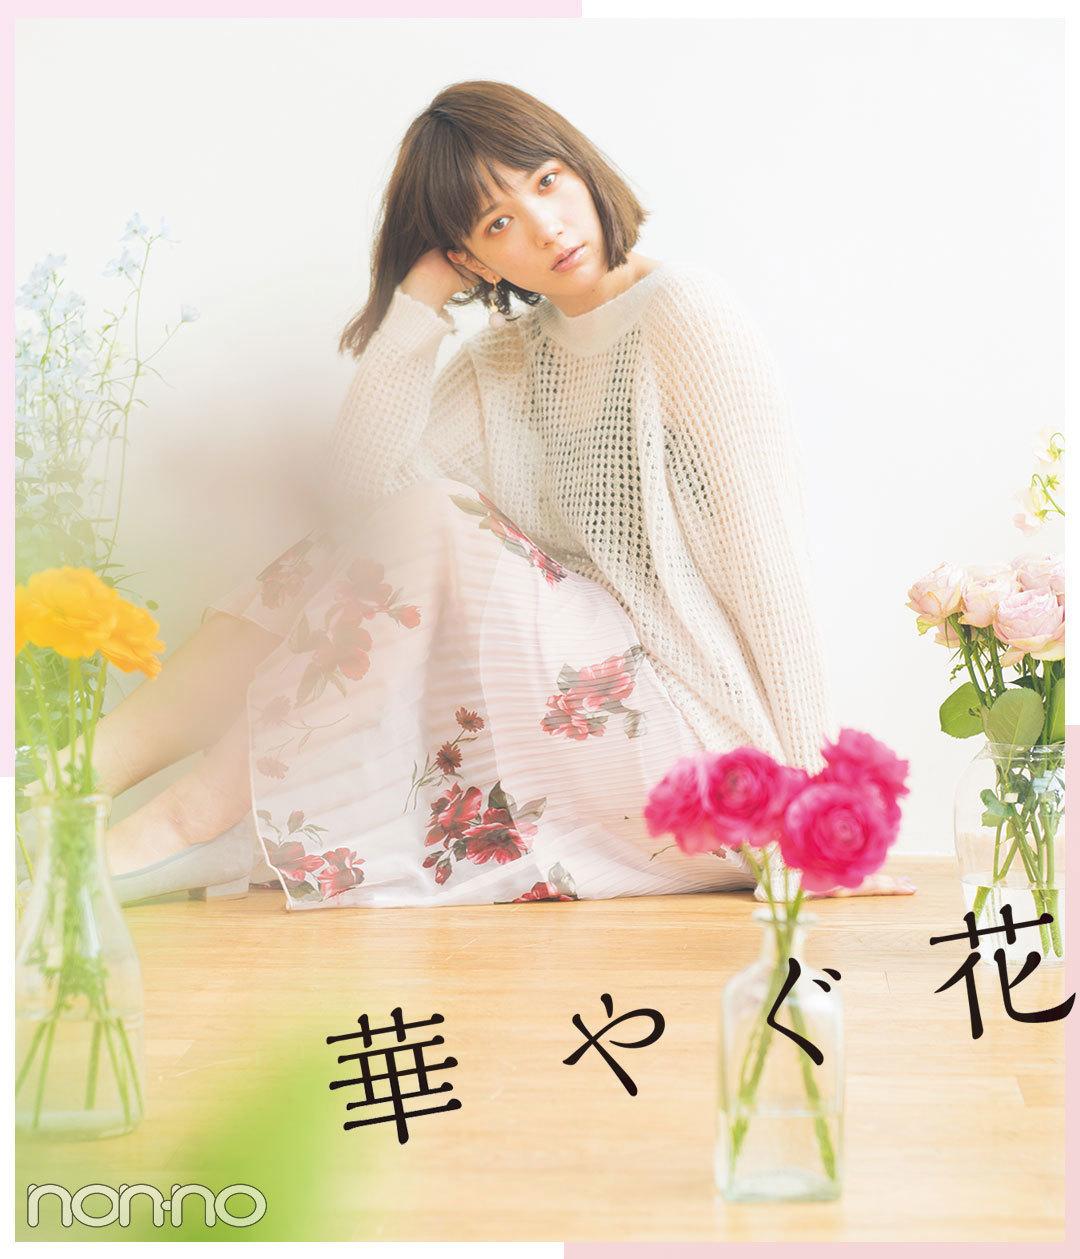 本田翼の春、始動! 女子マインド最高の「花とばっさー」  2019 薔薇 済み